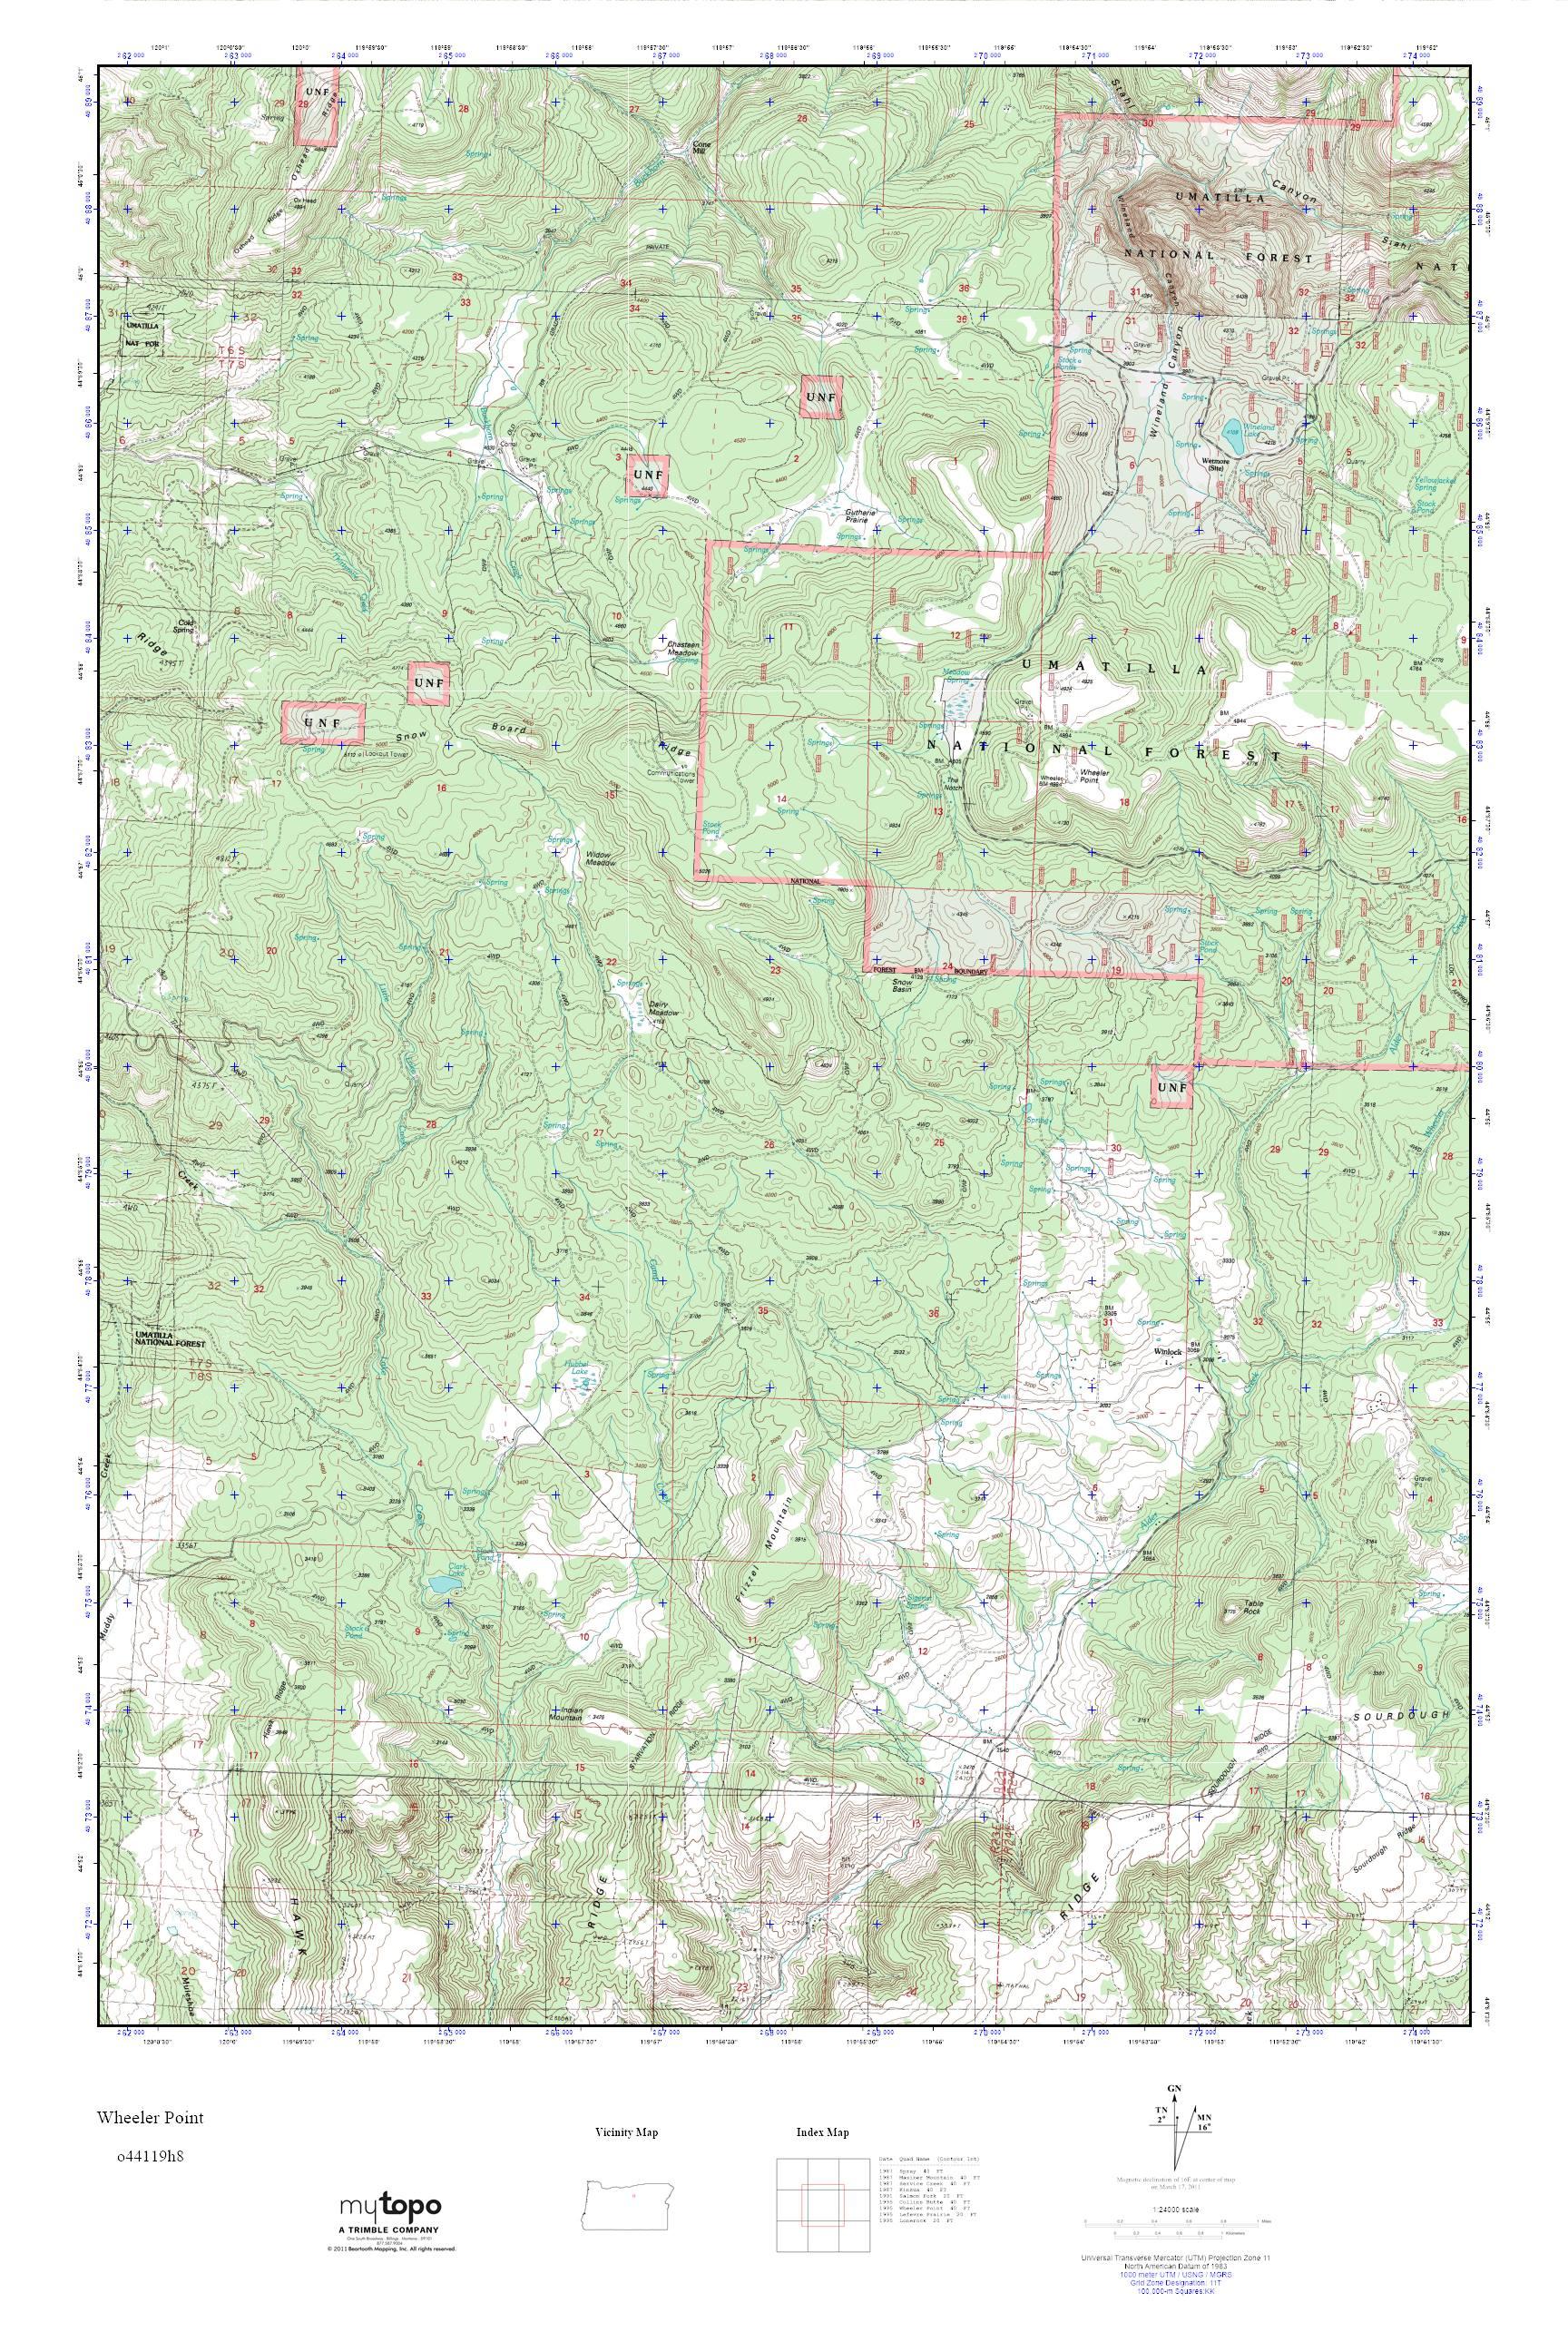 Wheeler Oregon Map.Mytopo Wheeler Point Oregon Usgs Quad Topo Map